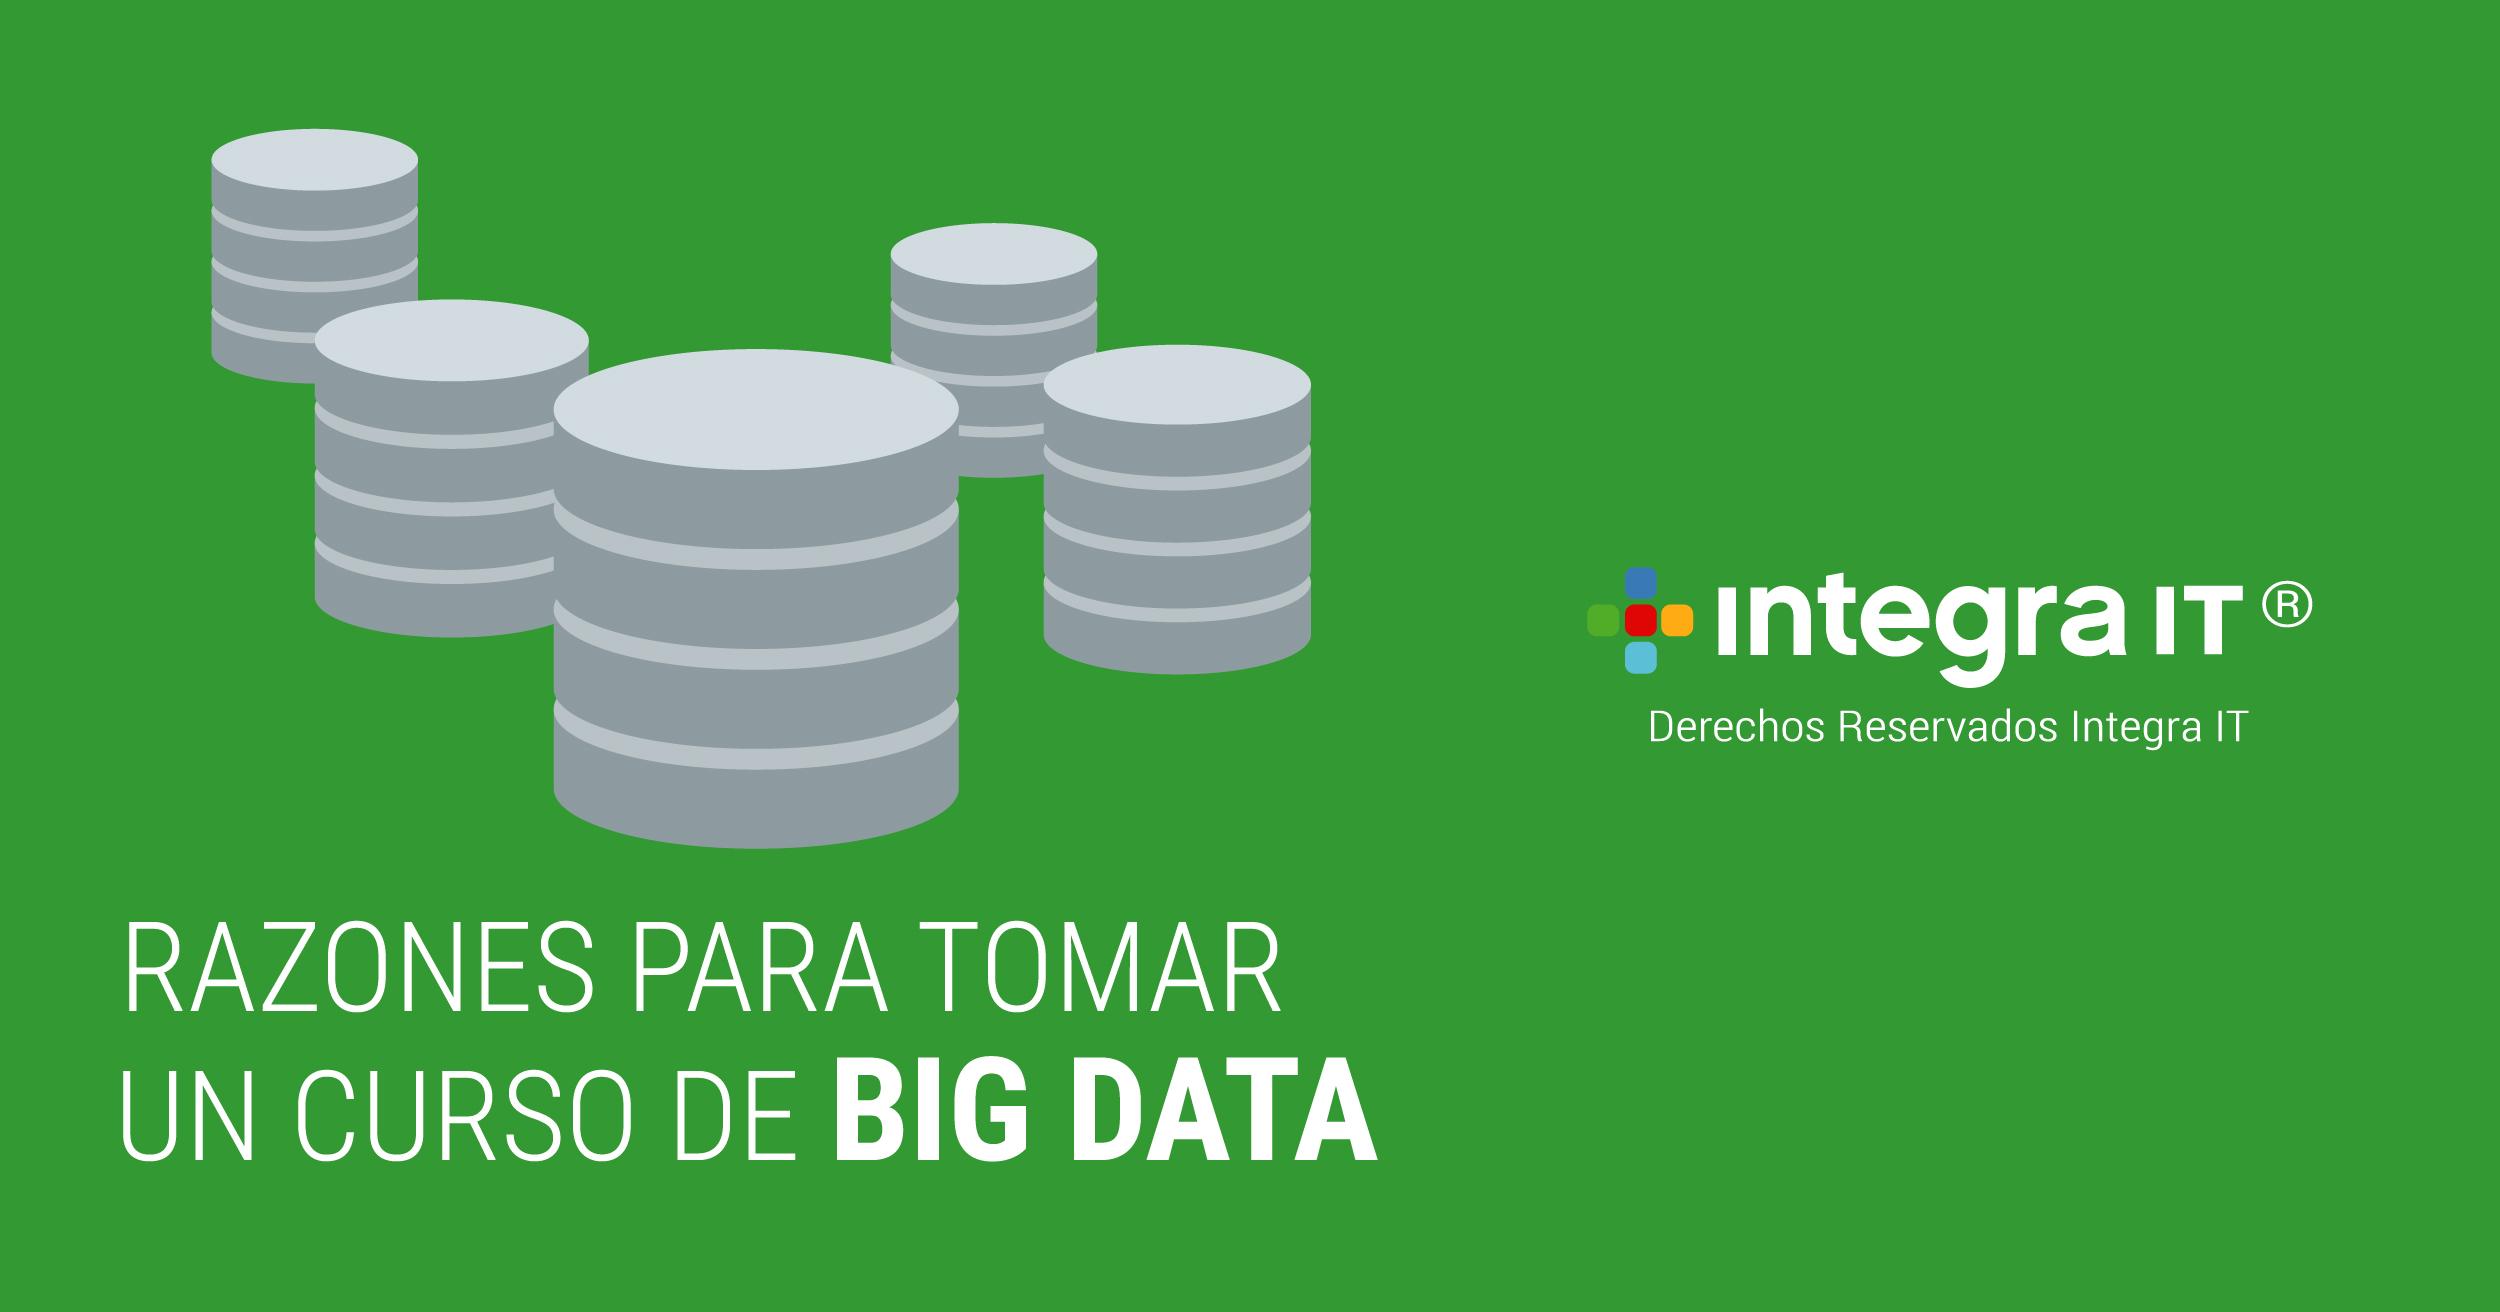 5 Beneficios que un curso de Big Data puede darte